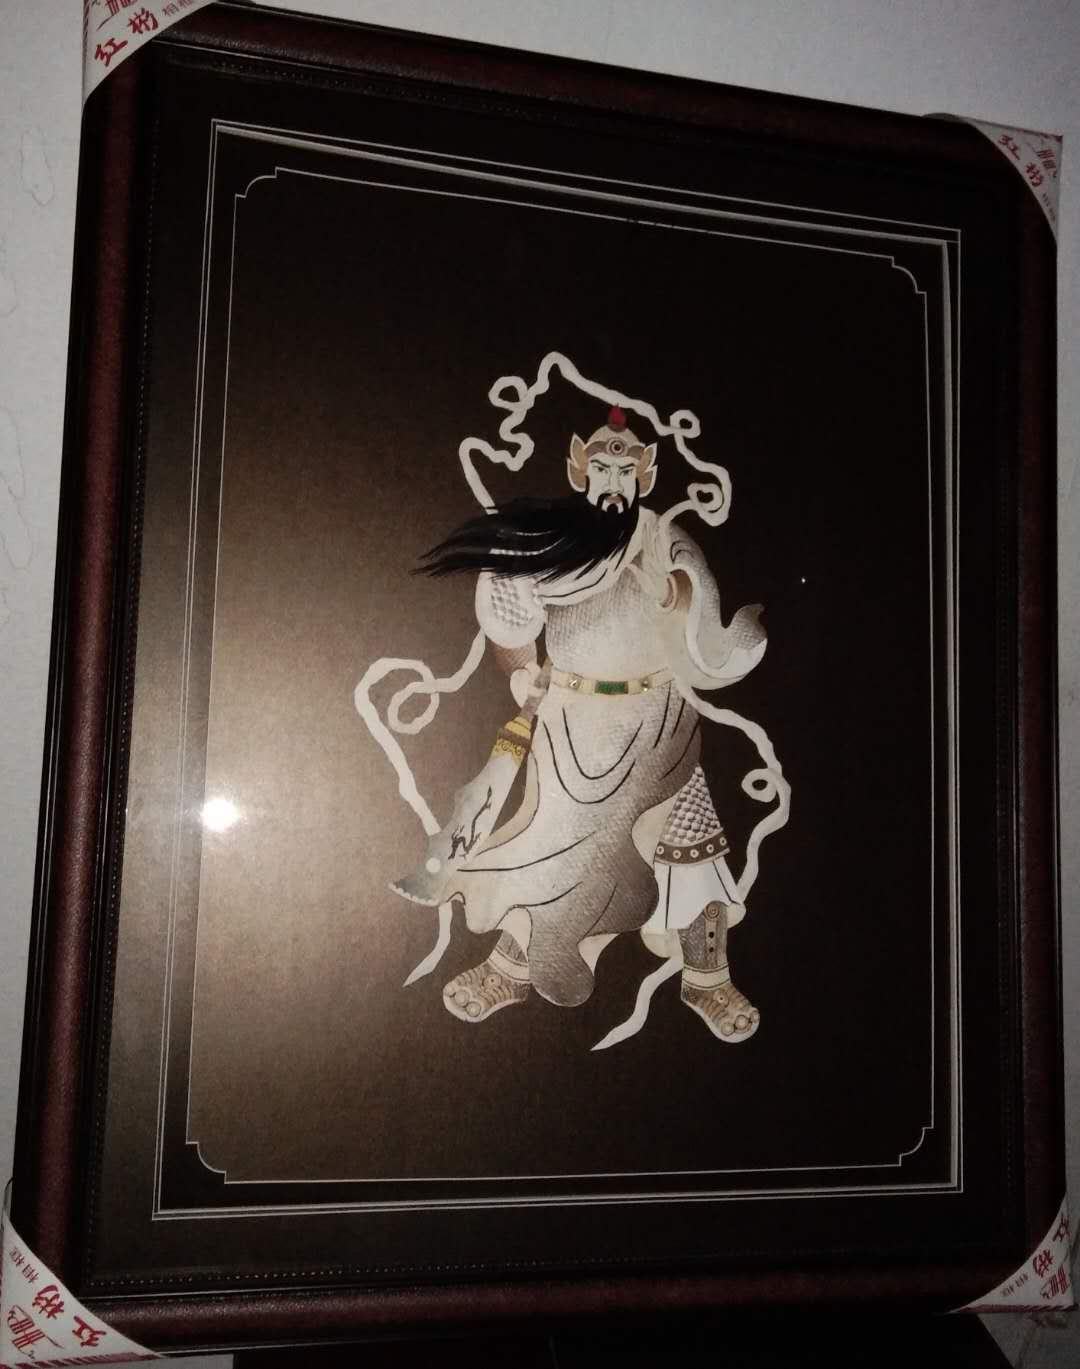 Фортуна длинные 100 * 63 кожи кожи картины Хежен ручная работа Художественная роспись декоративно-прикладного искусства